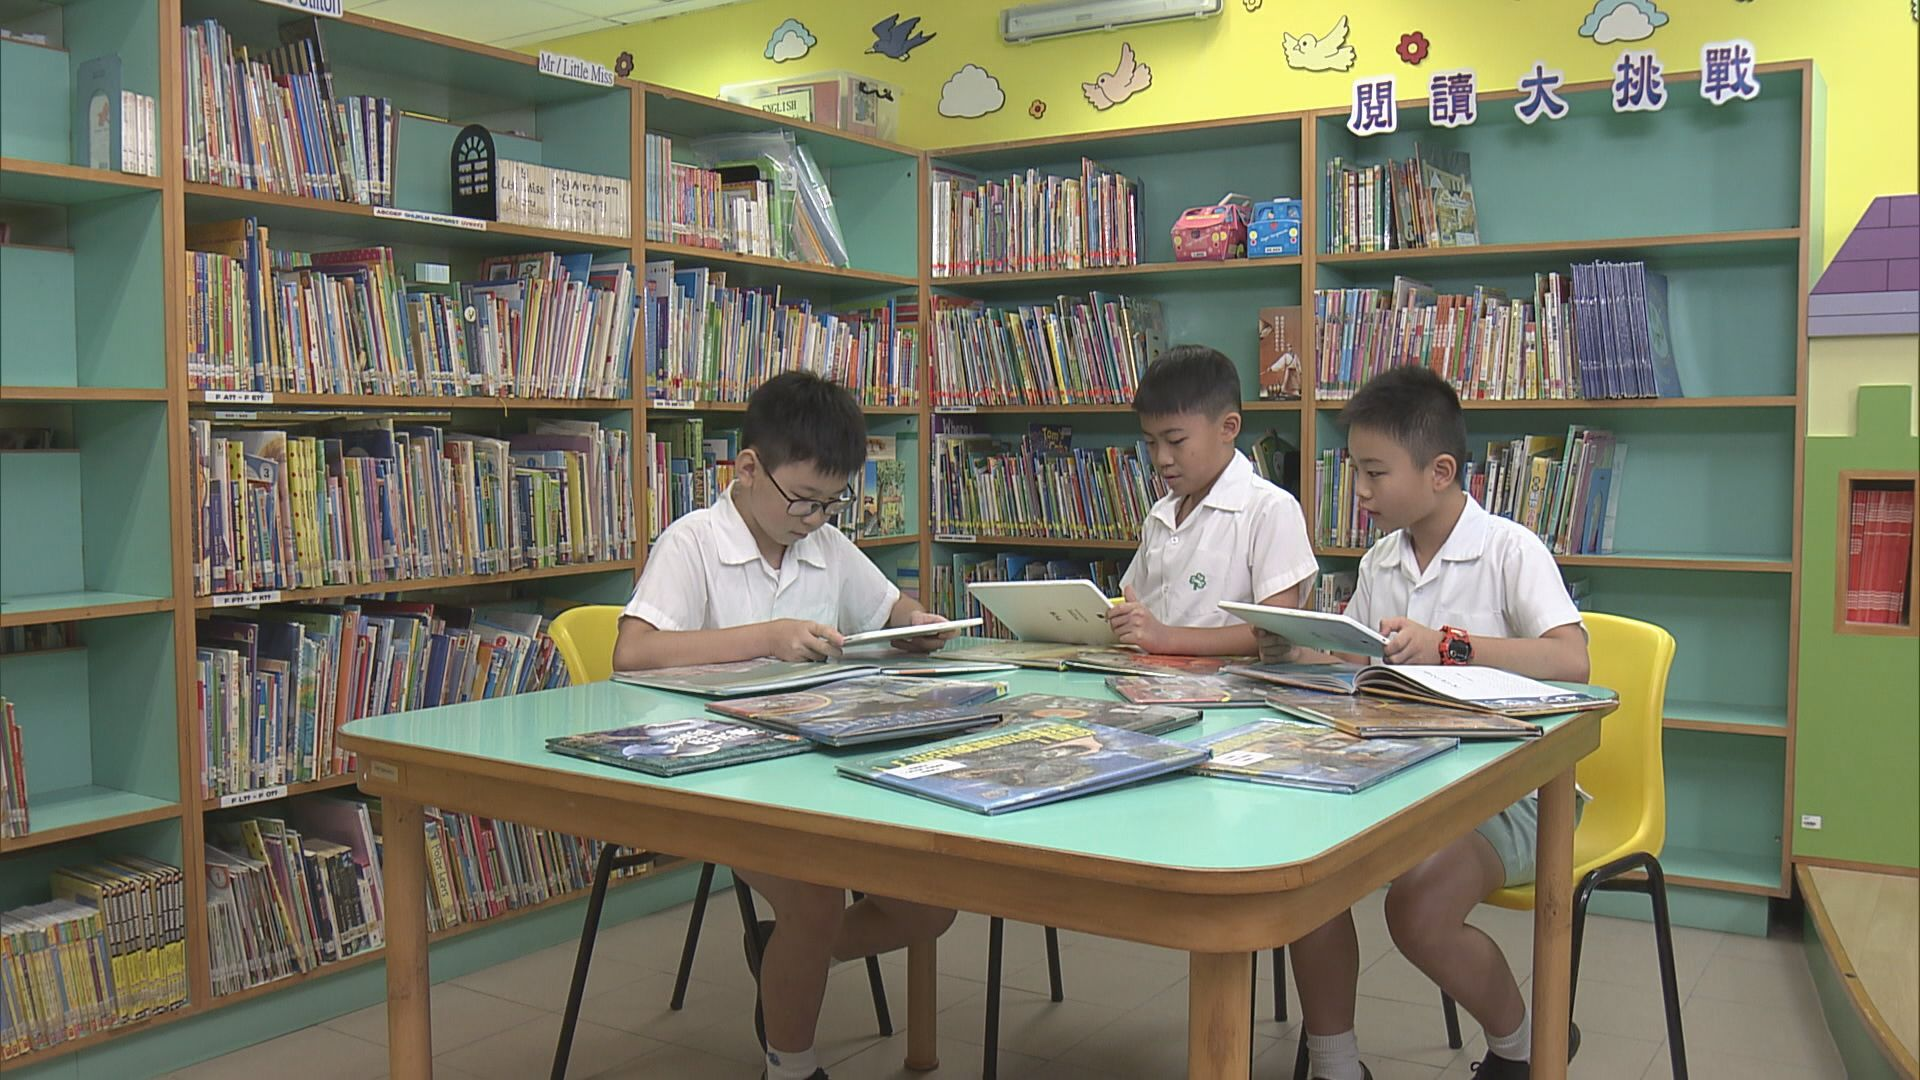 閱讀津貼暫停兩年後恢復 學校表示歡迎